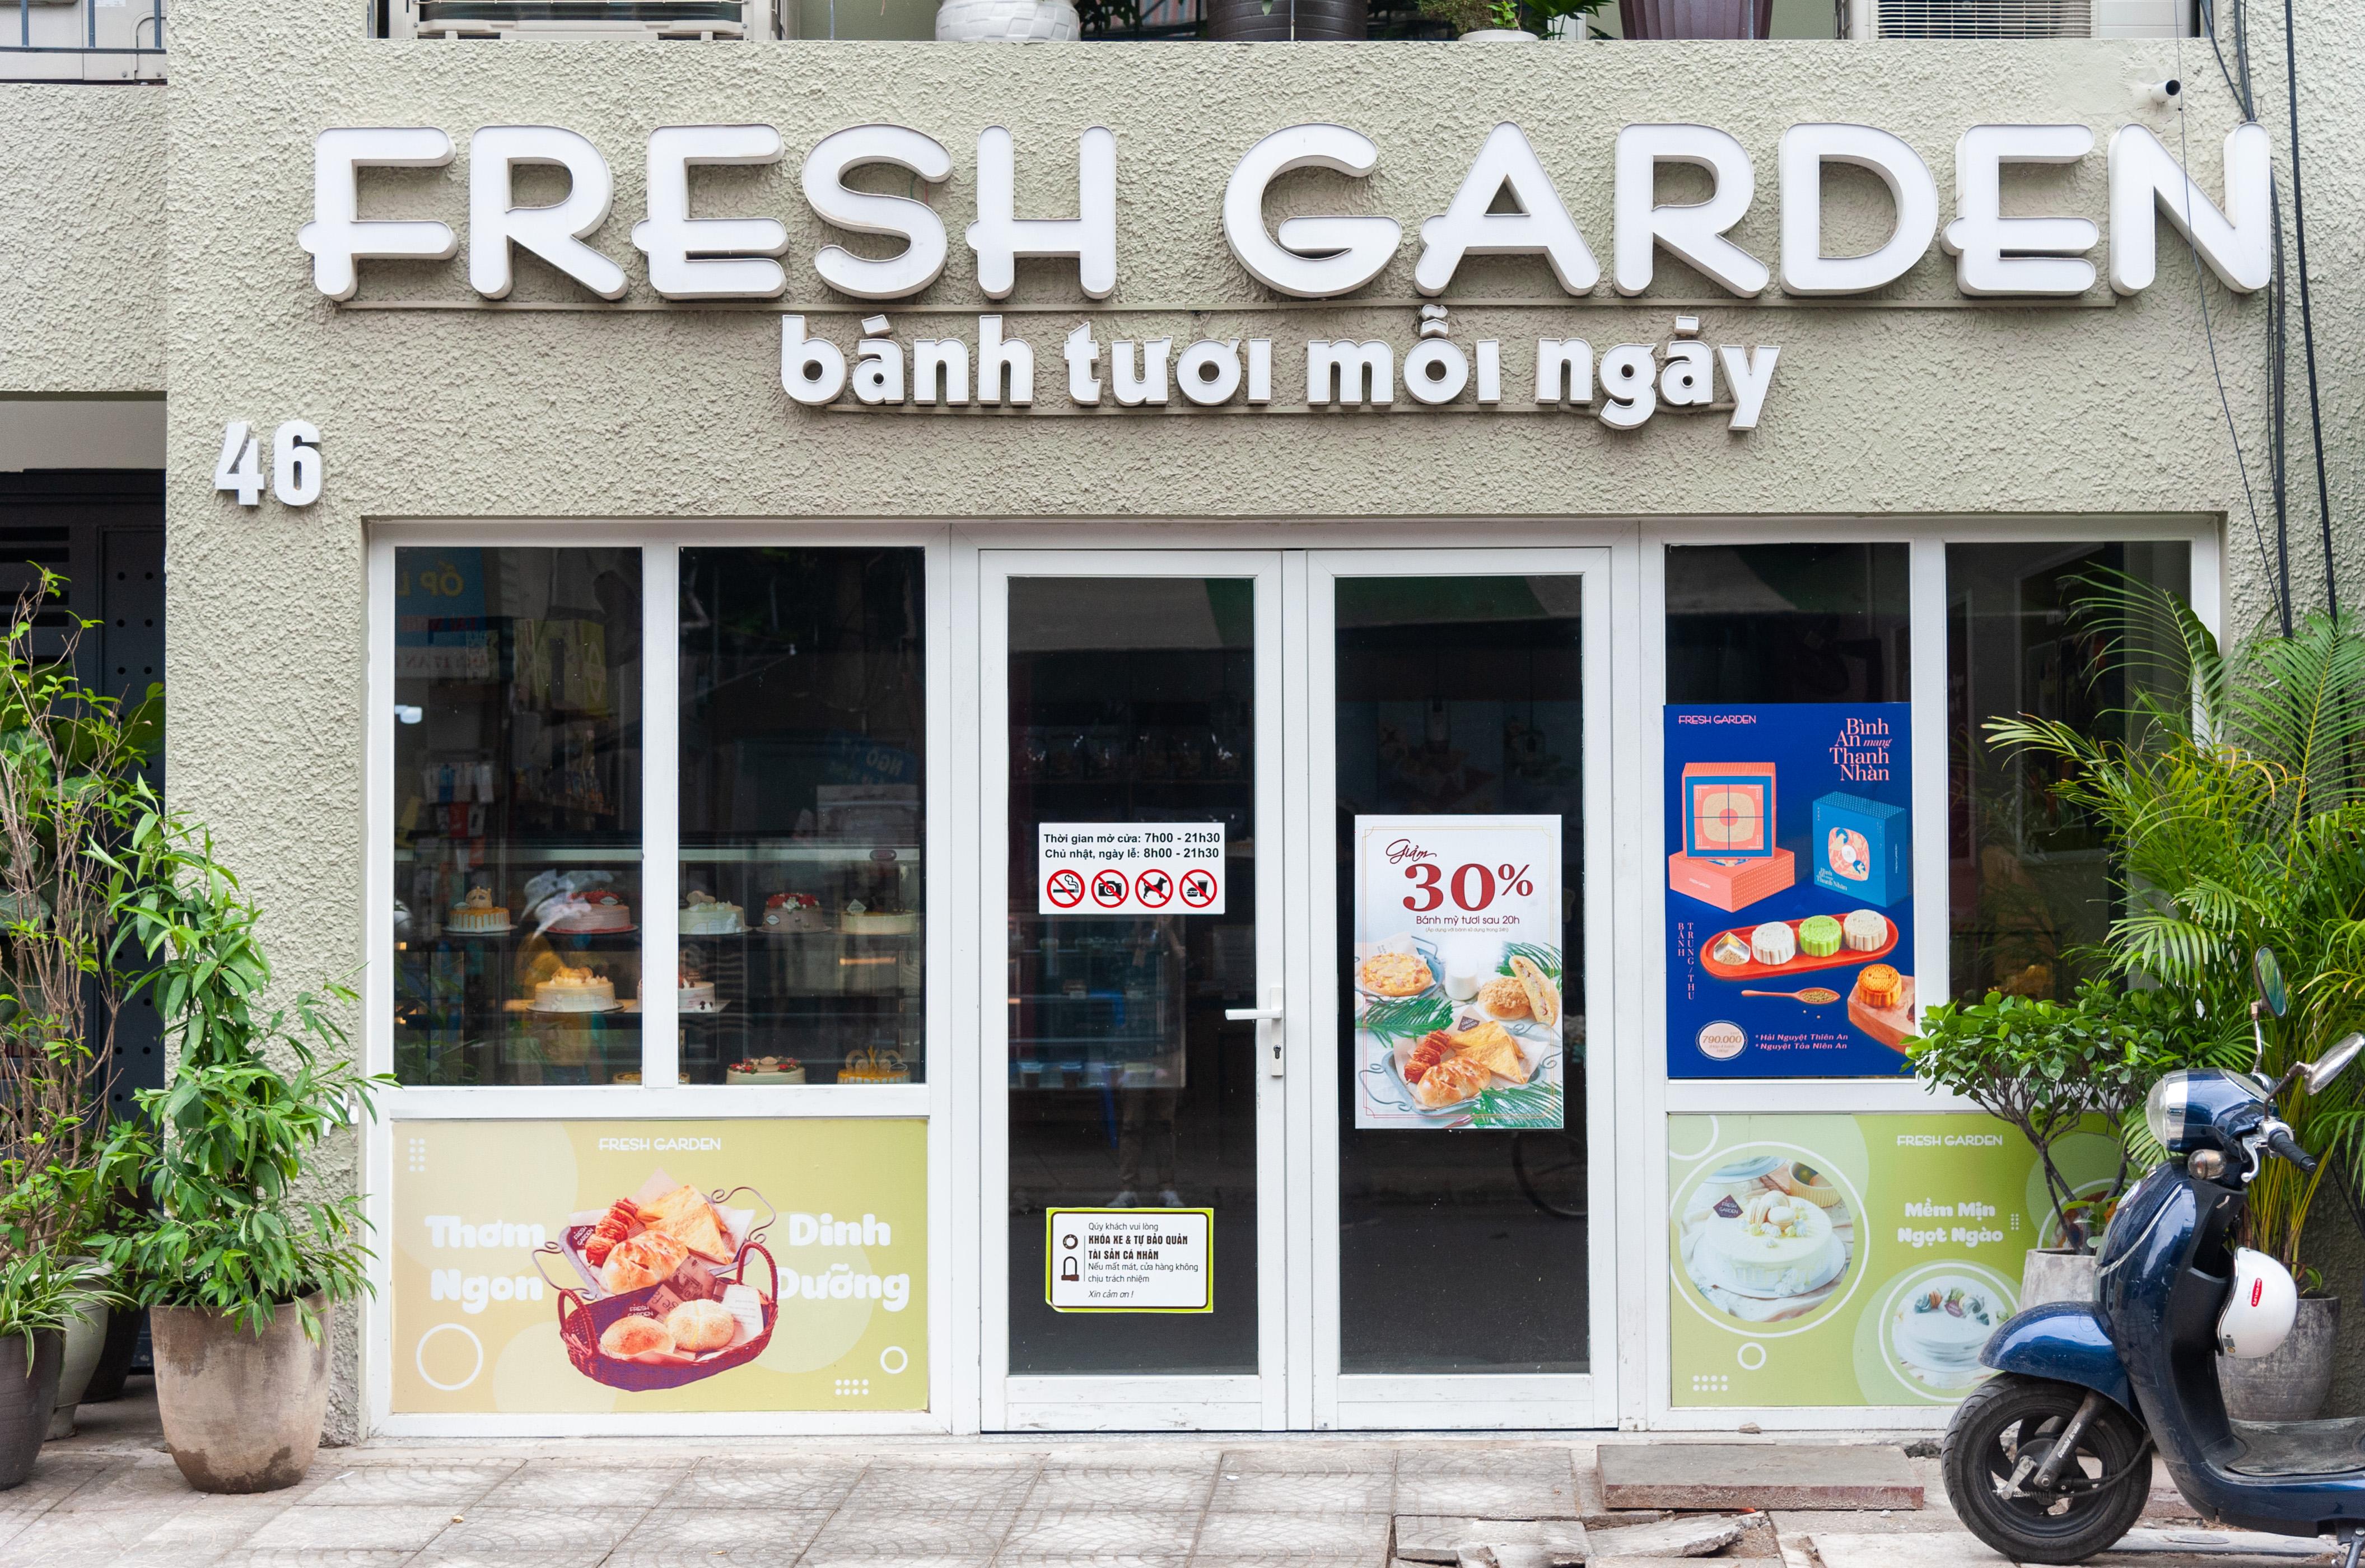 Chủ nhân bí ẩn của 60 cửa hàng Fresh Garden: Dân chứng khoán rẽ ngang vì mê bánh, 10 năm chưa chi một đồng cho Marketing - Ảnh 8.